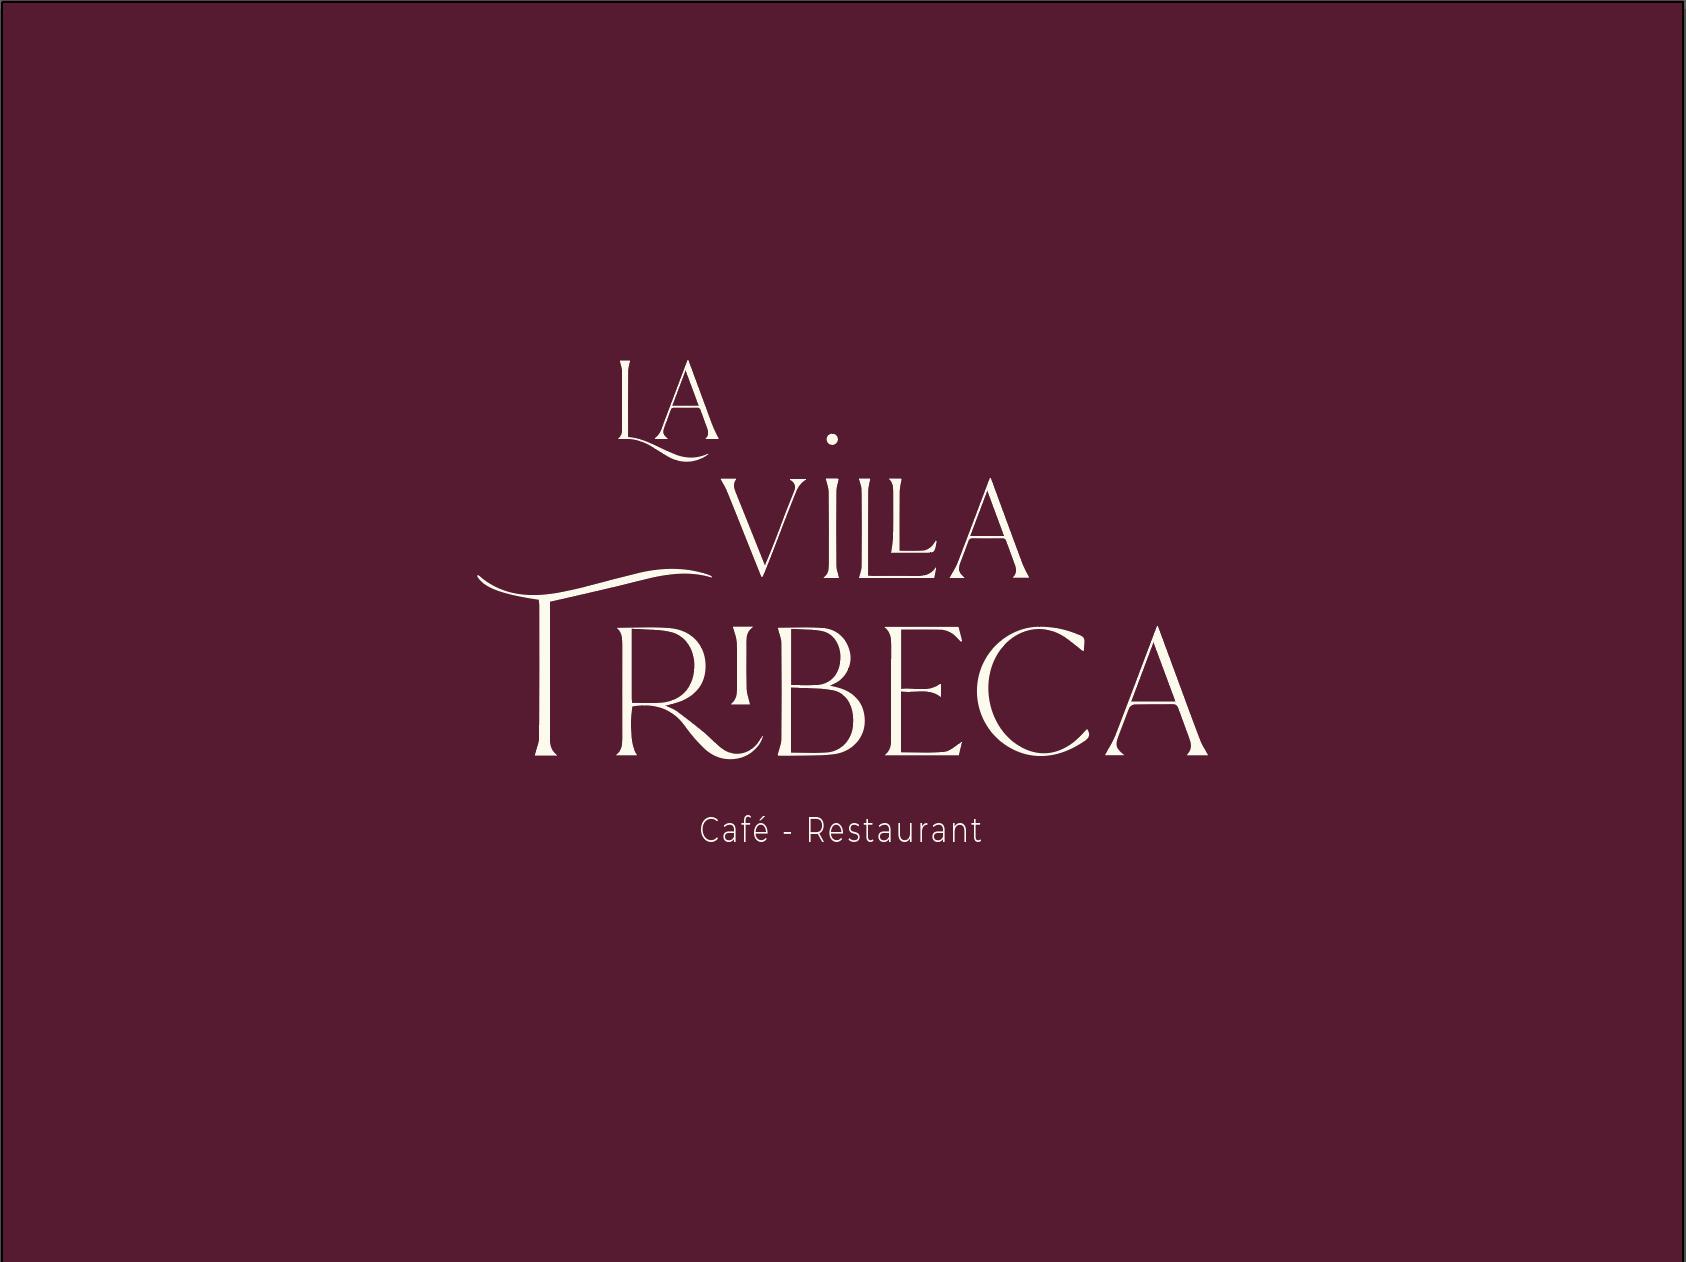 Logo typographique